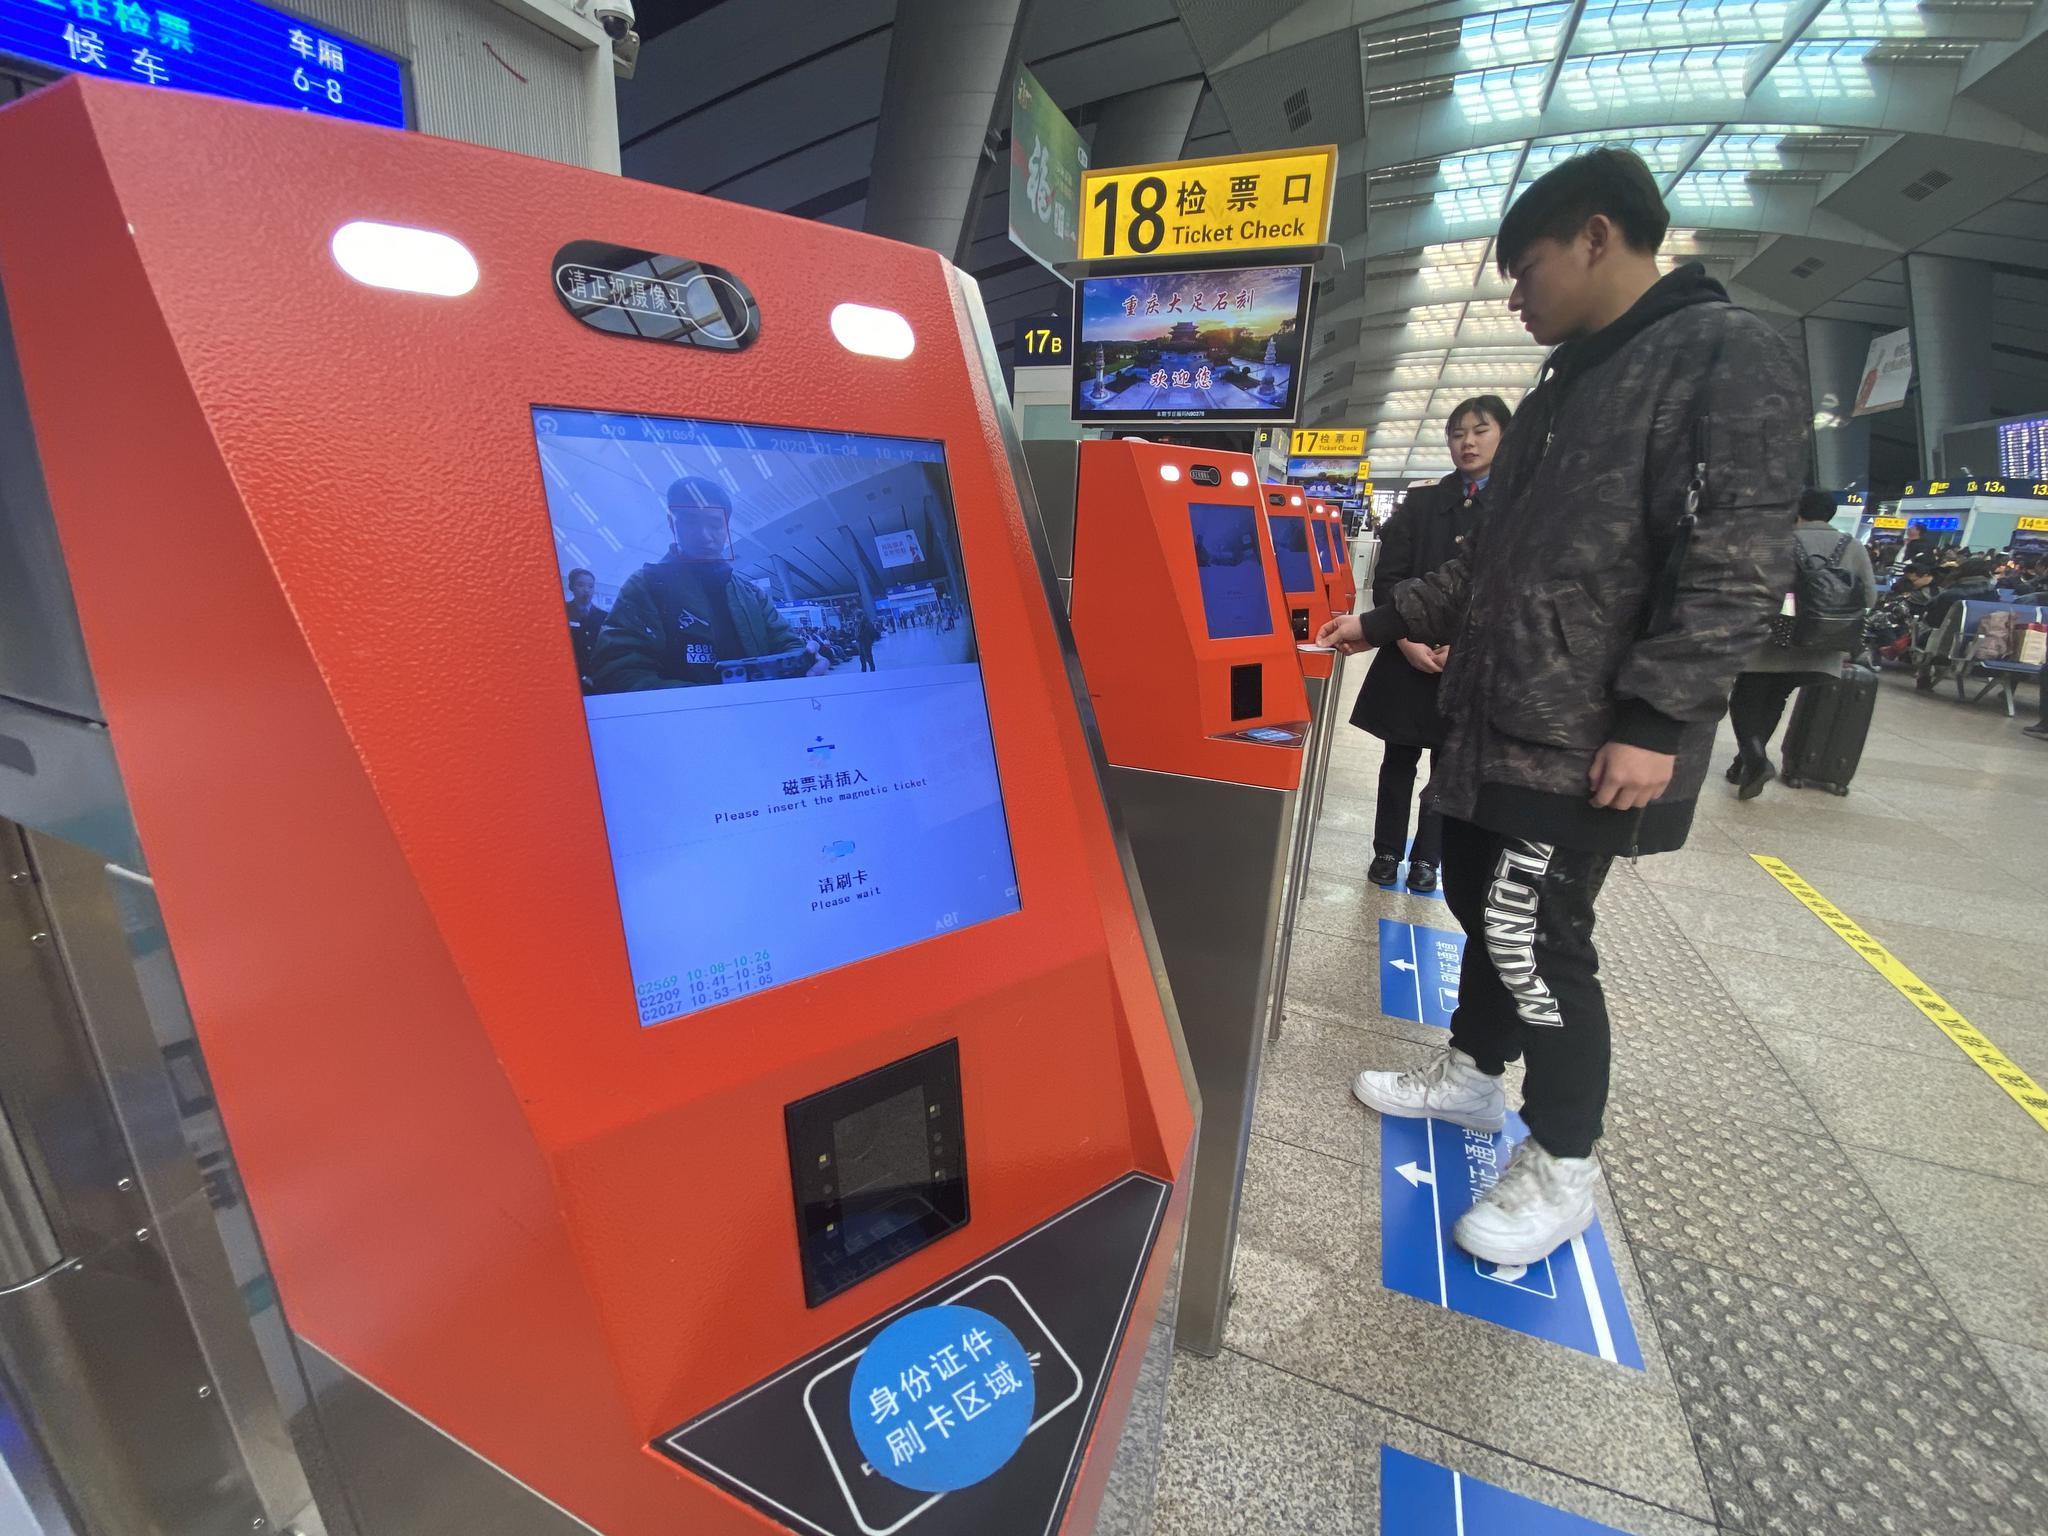 北京南站京津城际、京沪高铁等线路已支持电子客票